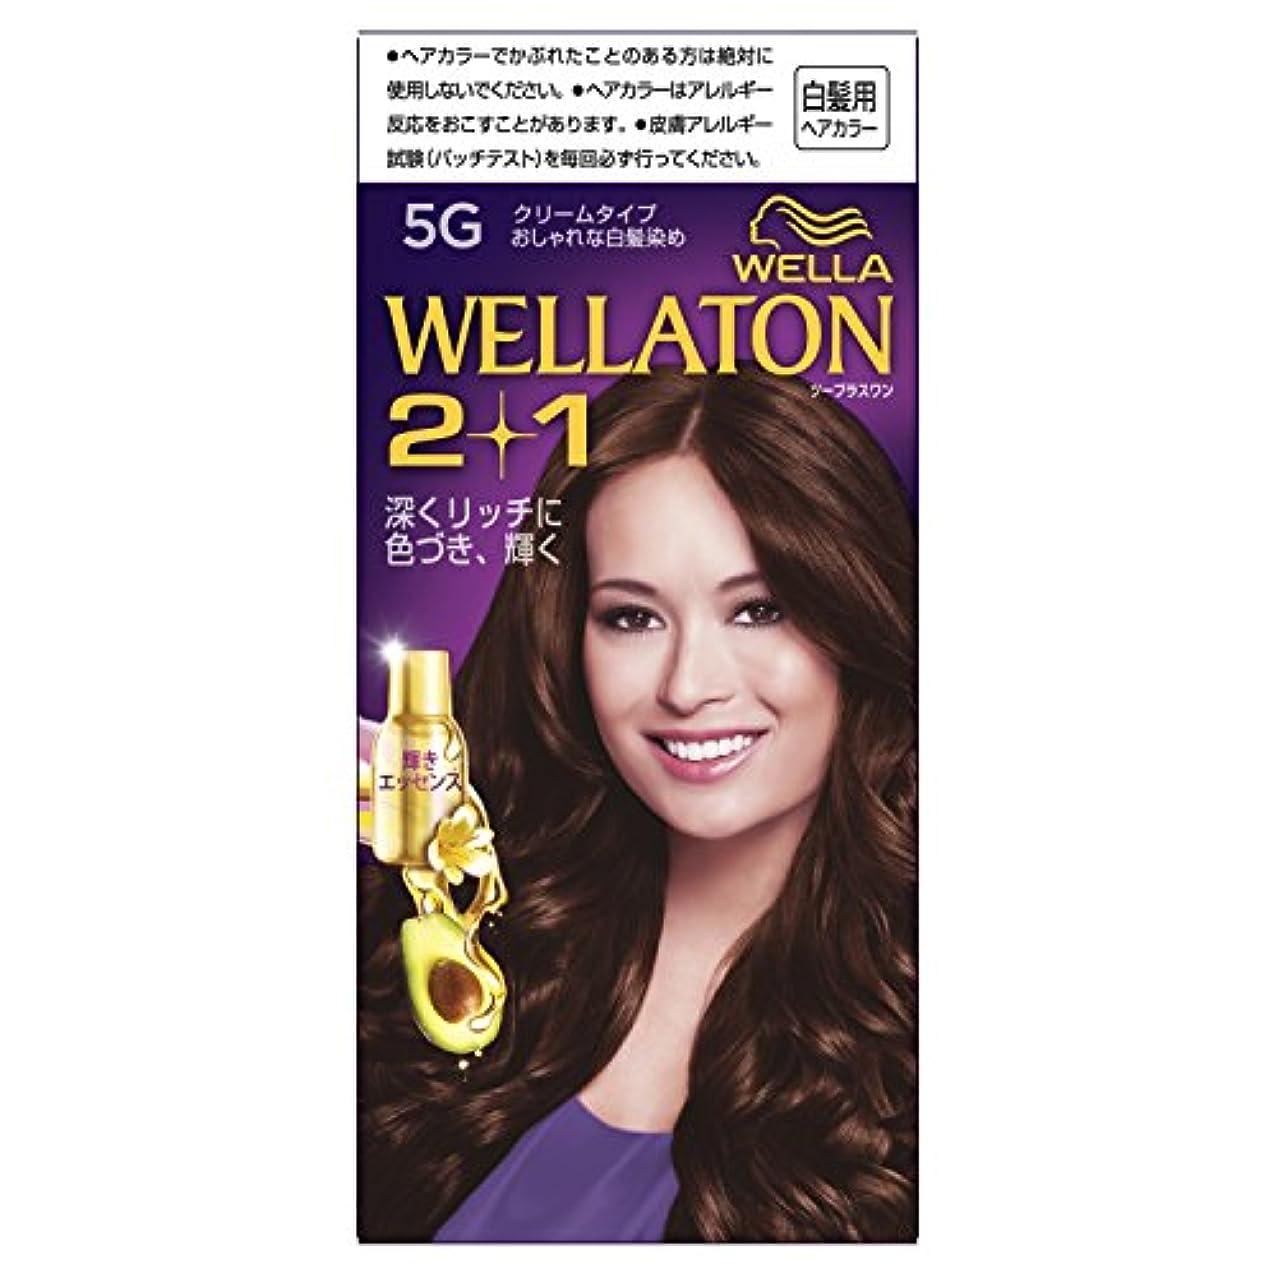 警戒記念品浮くウエラトーン2+1 クリームタイプ 5G [医薬部外品](おしゃれな白髪染め)